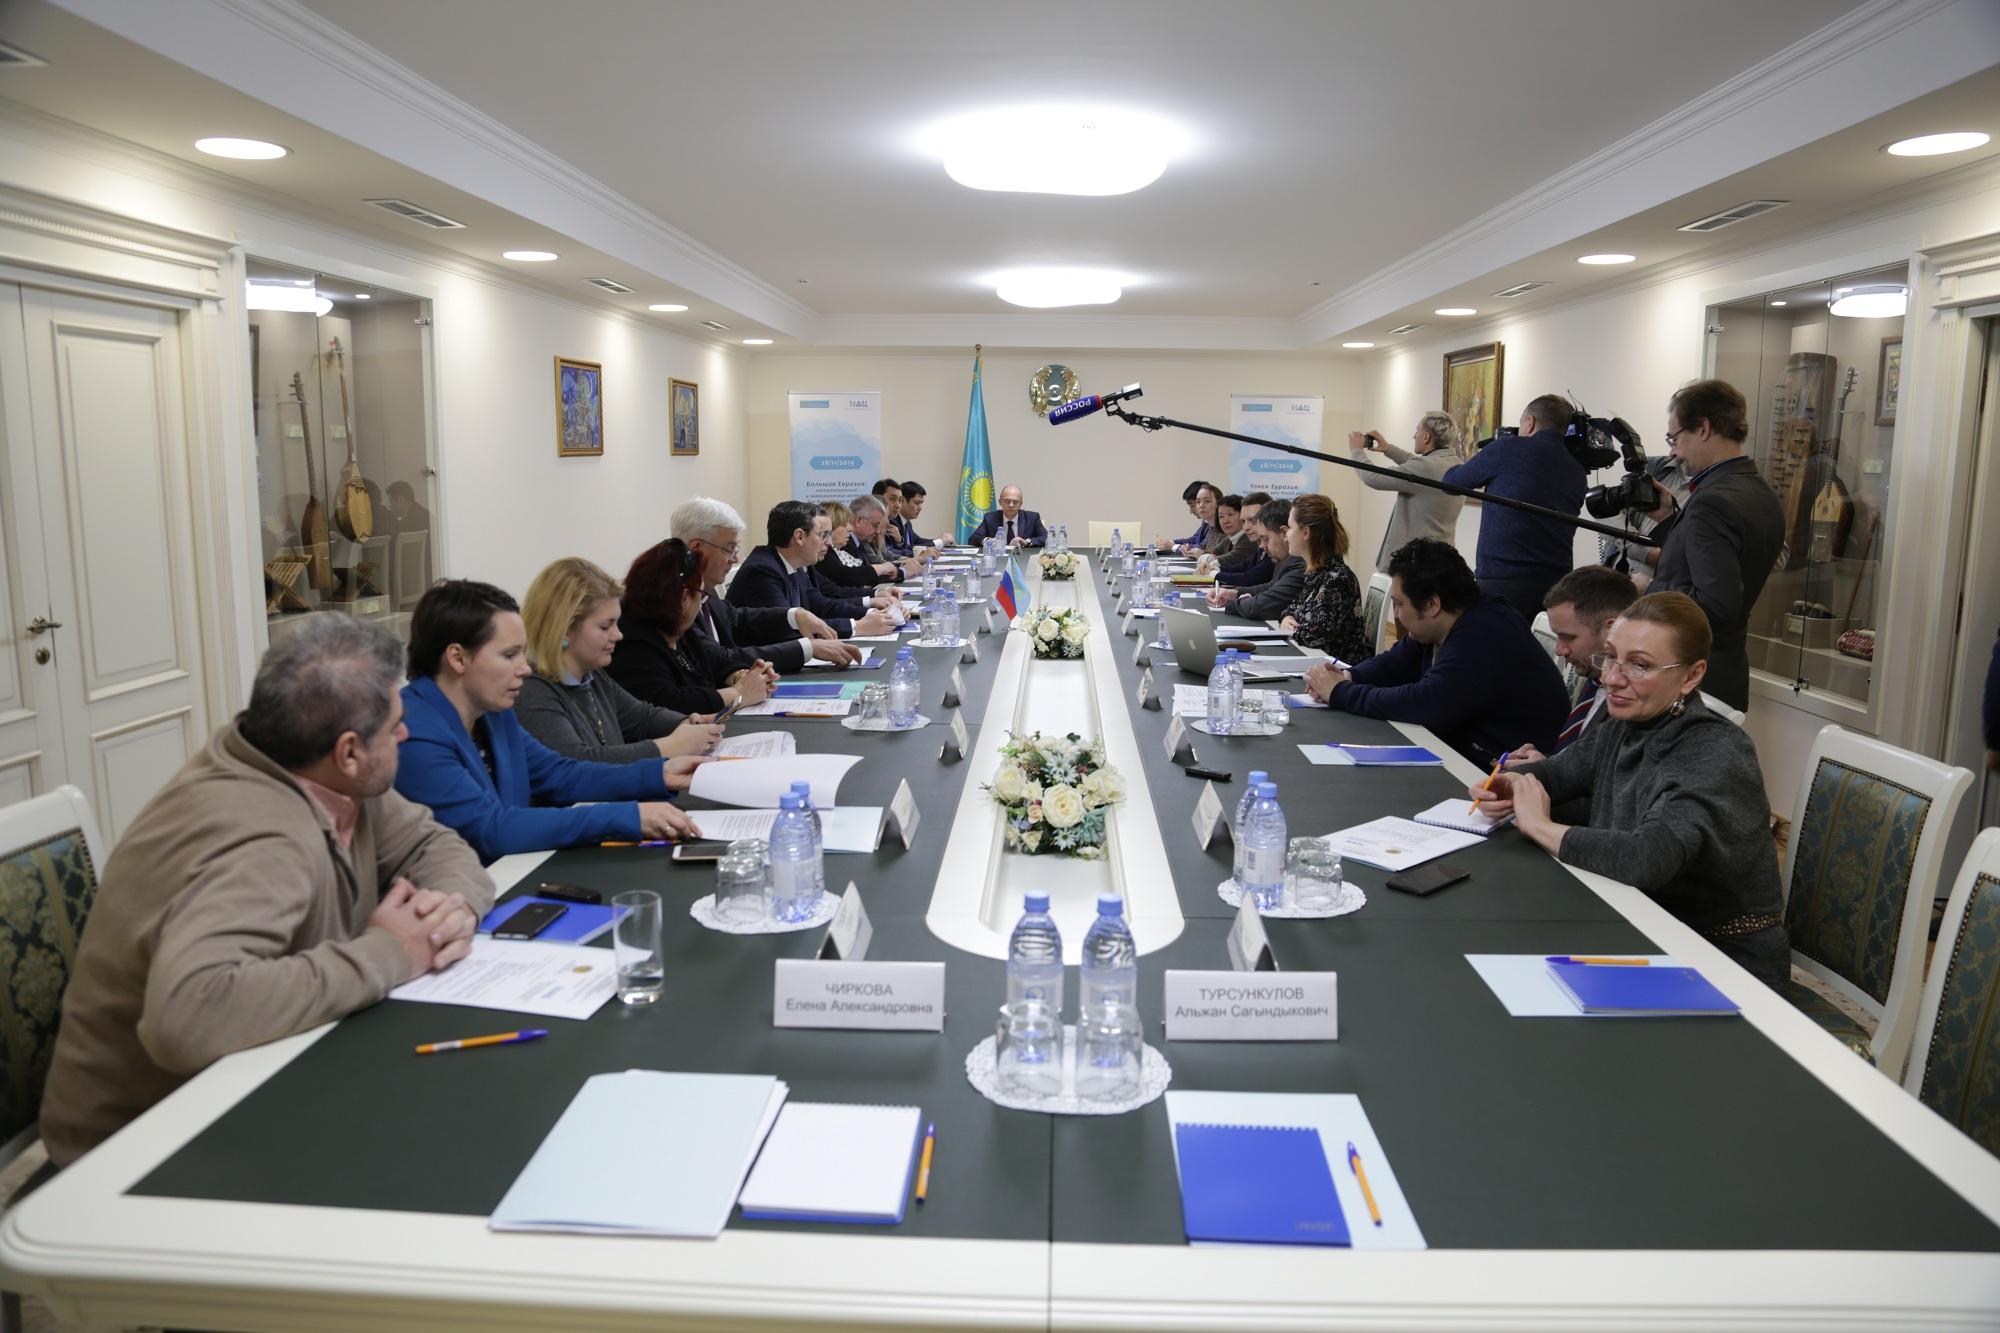 Казахстанские и российские эксперты обсудили контуры Большой Евразии